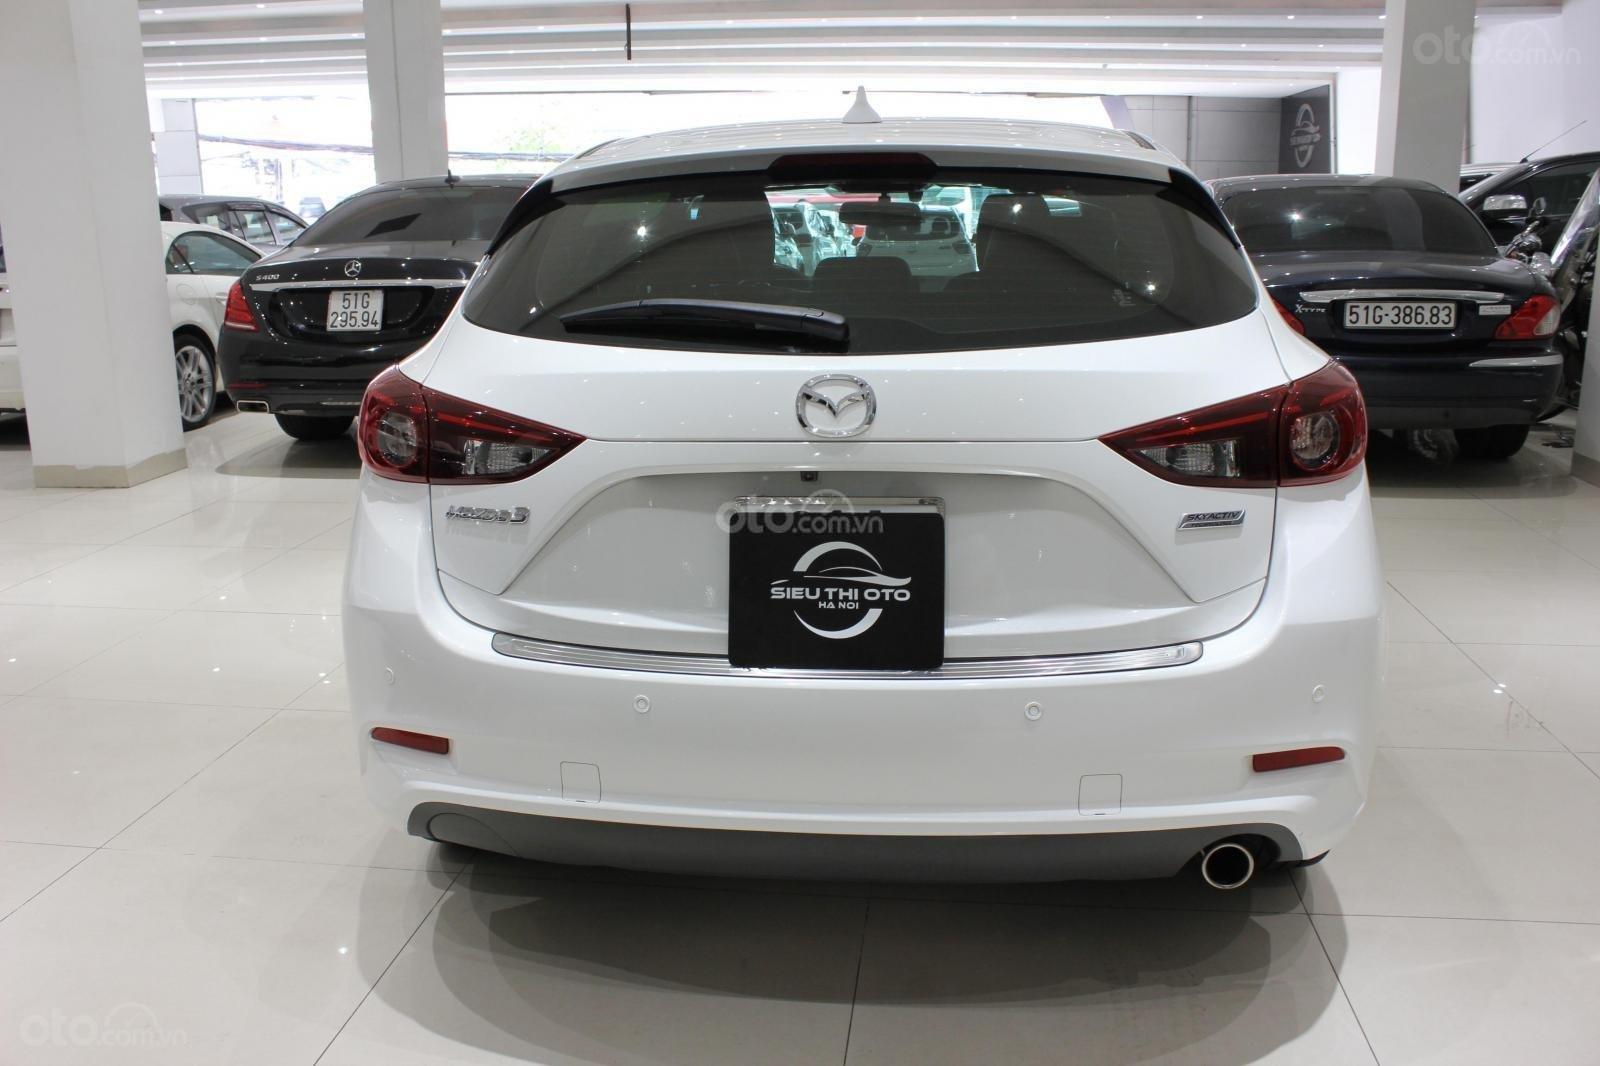 Chính chủ cần bán Mazda 3 2017 bản hatchback màu trắng, số tự động, full option (3)